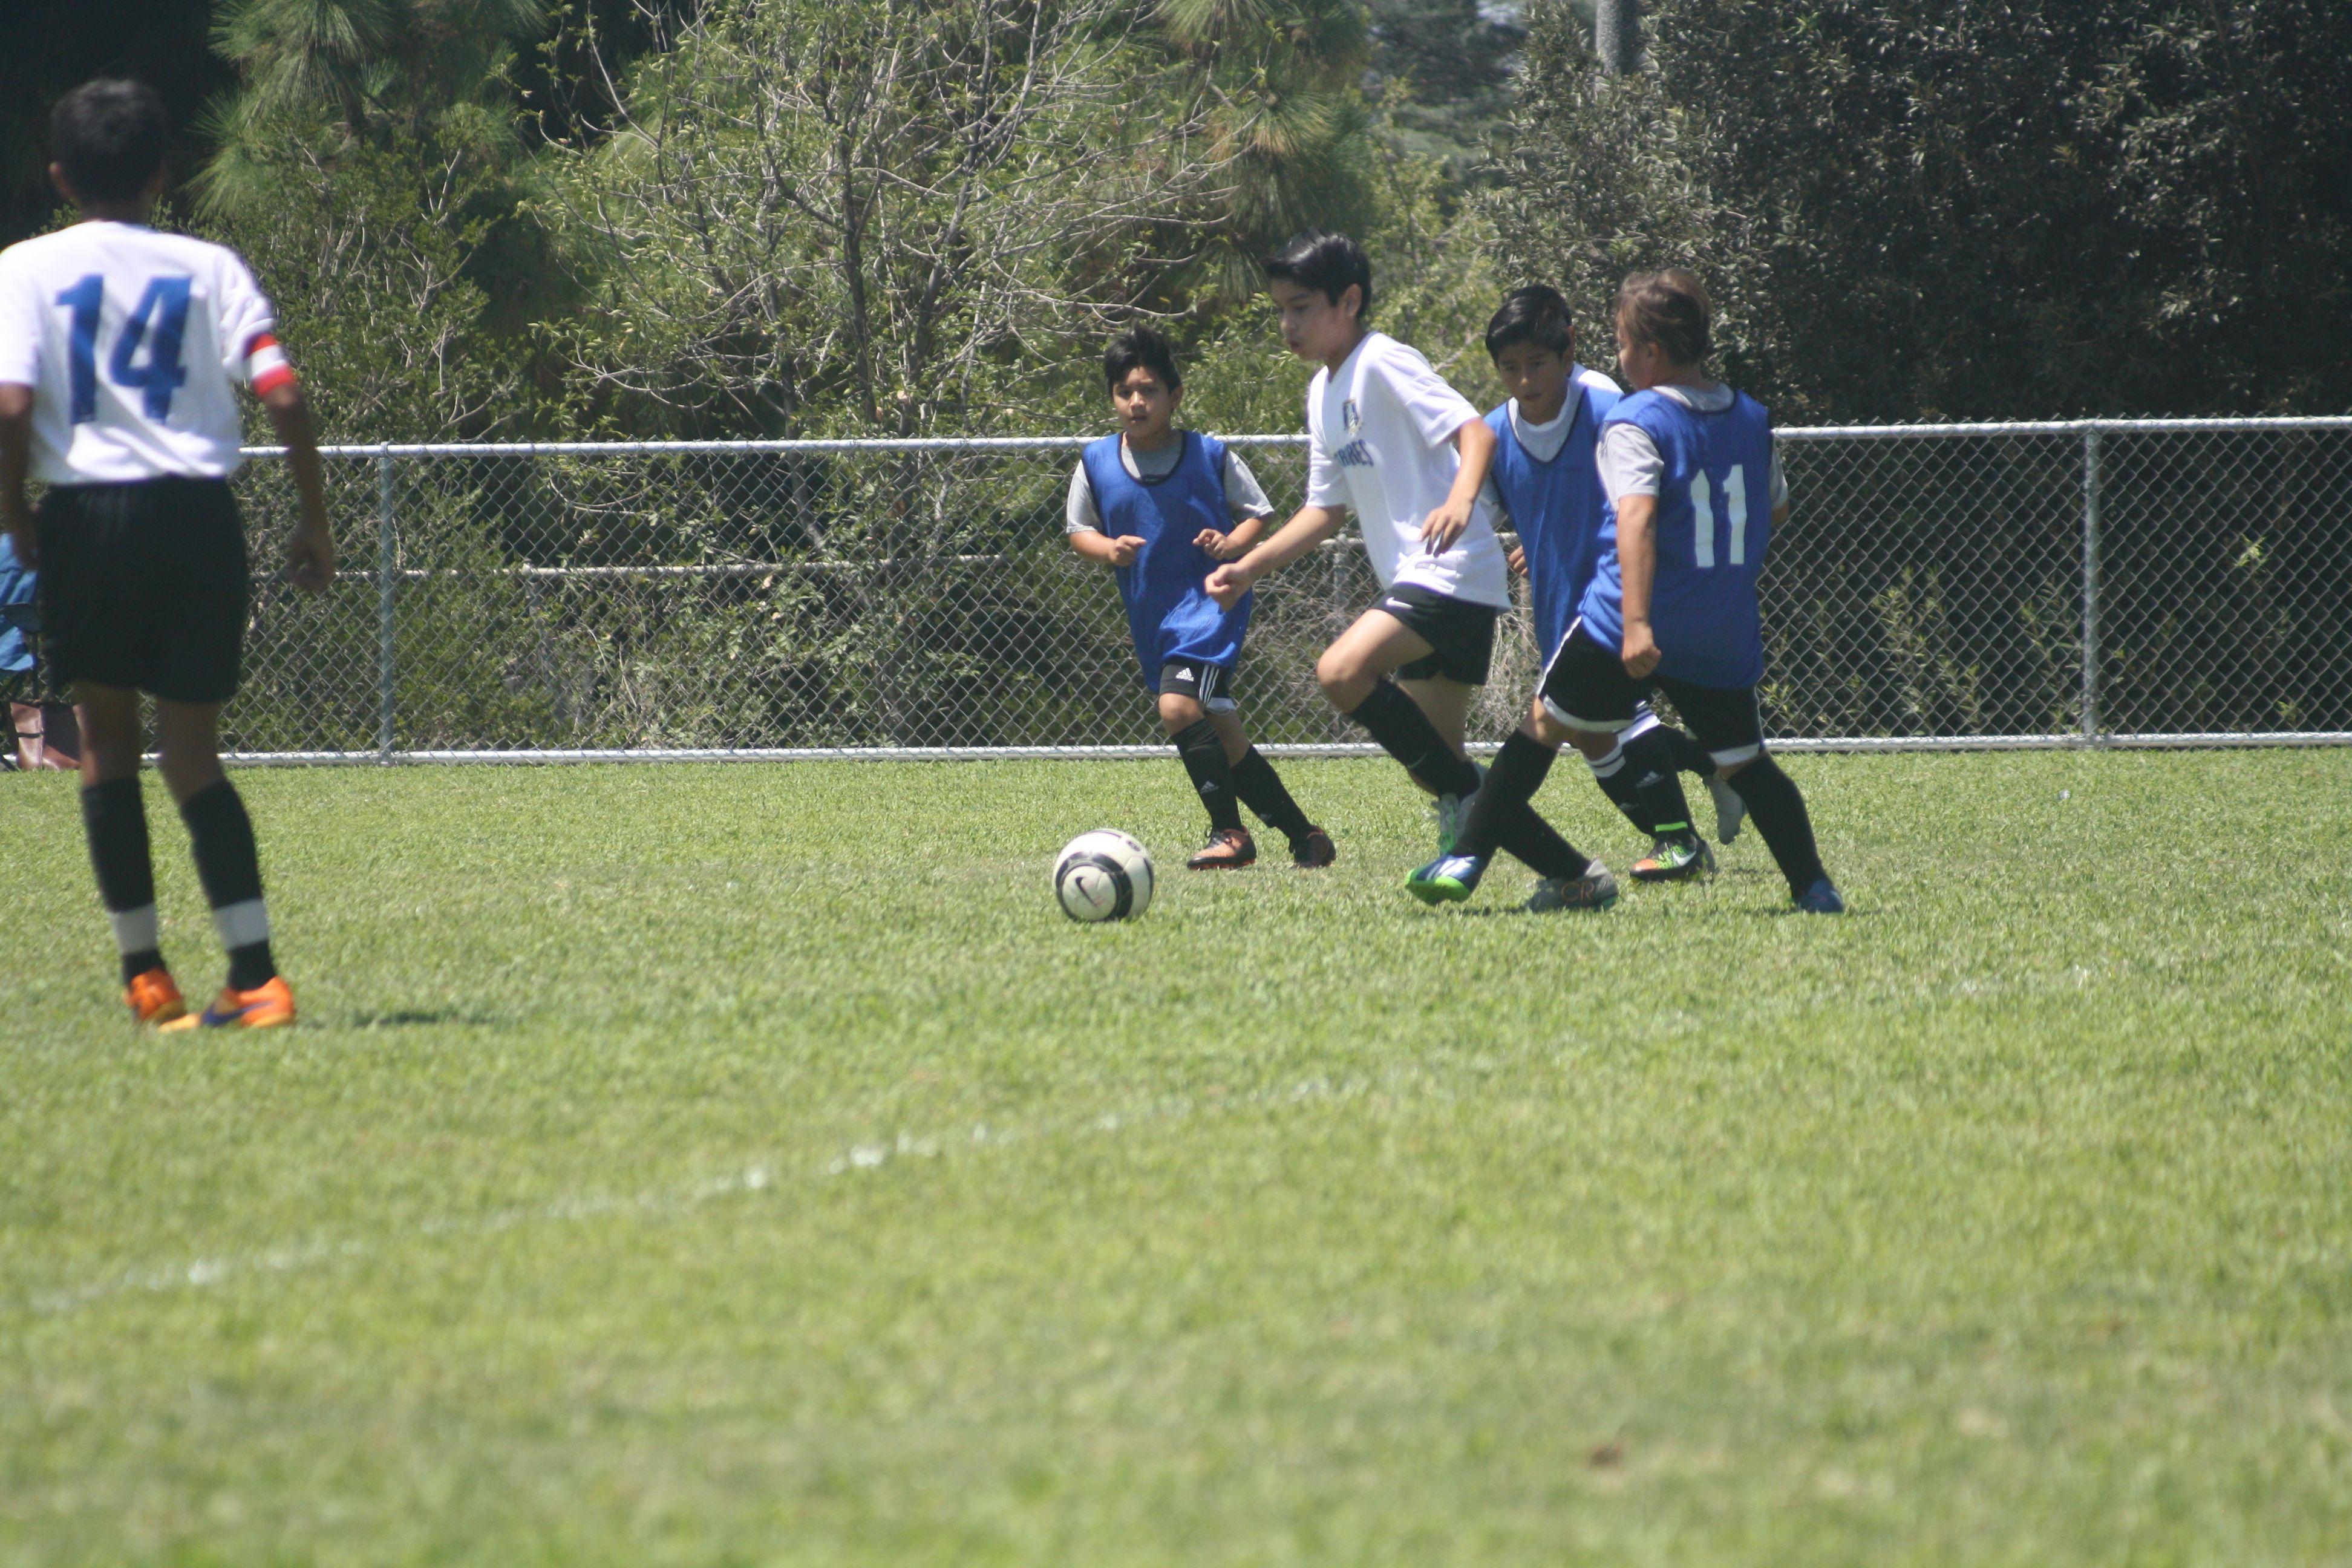 Cristian Soccer Club Soccer League Youth Soccer